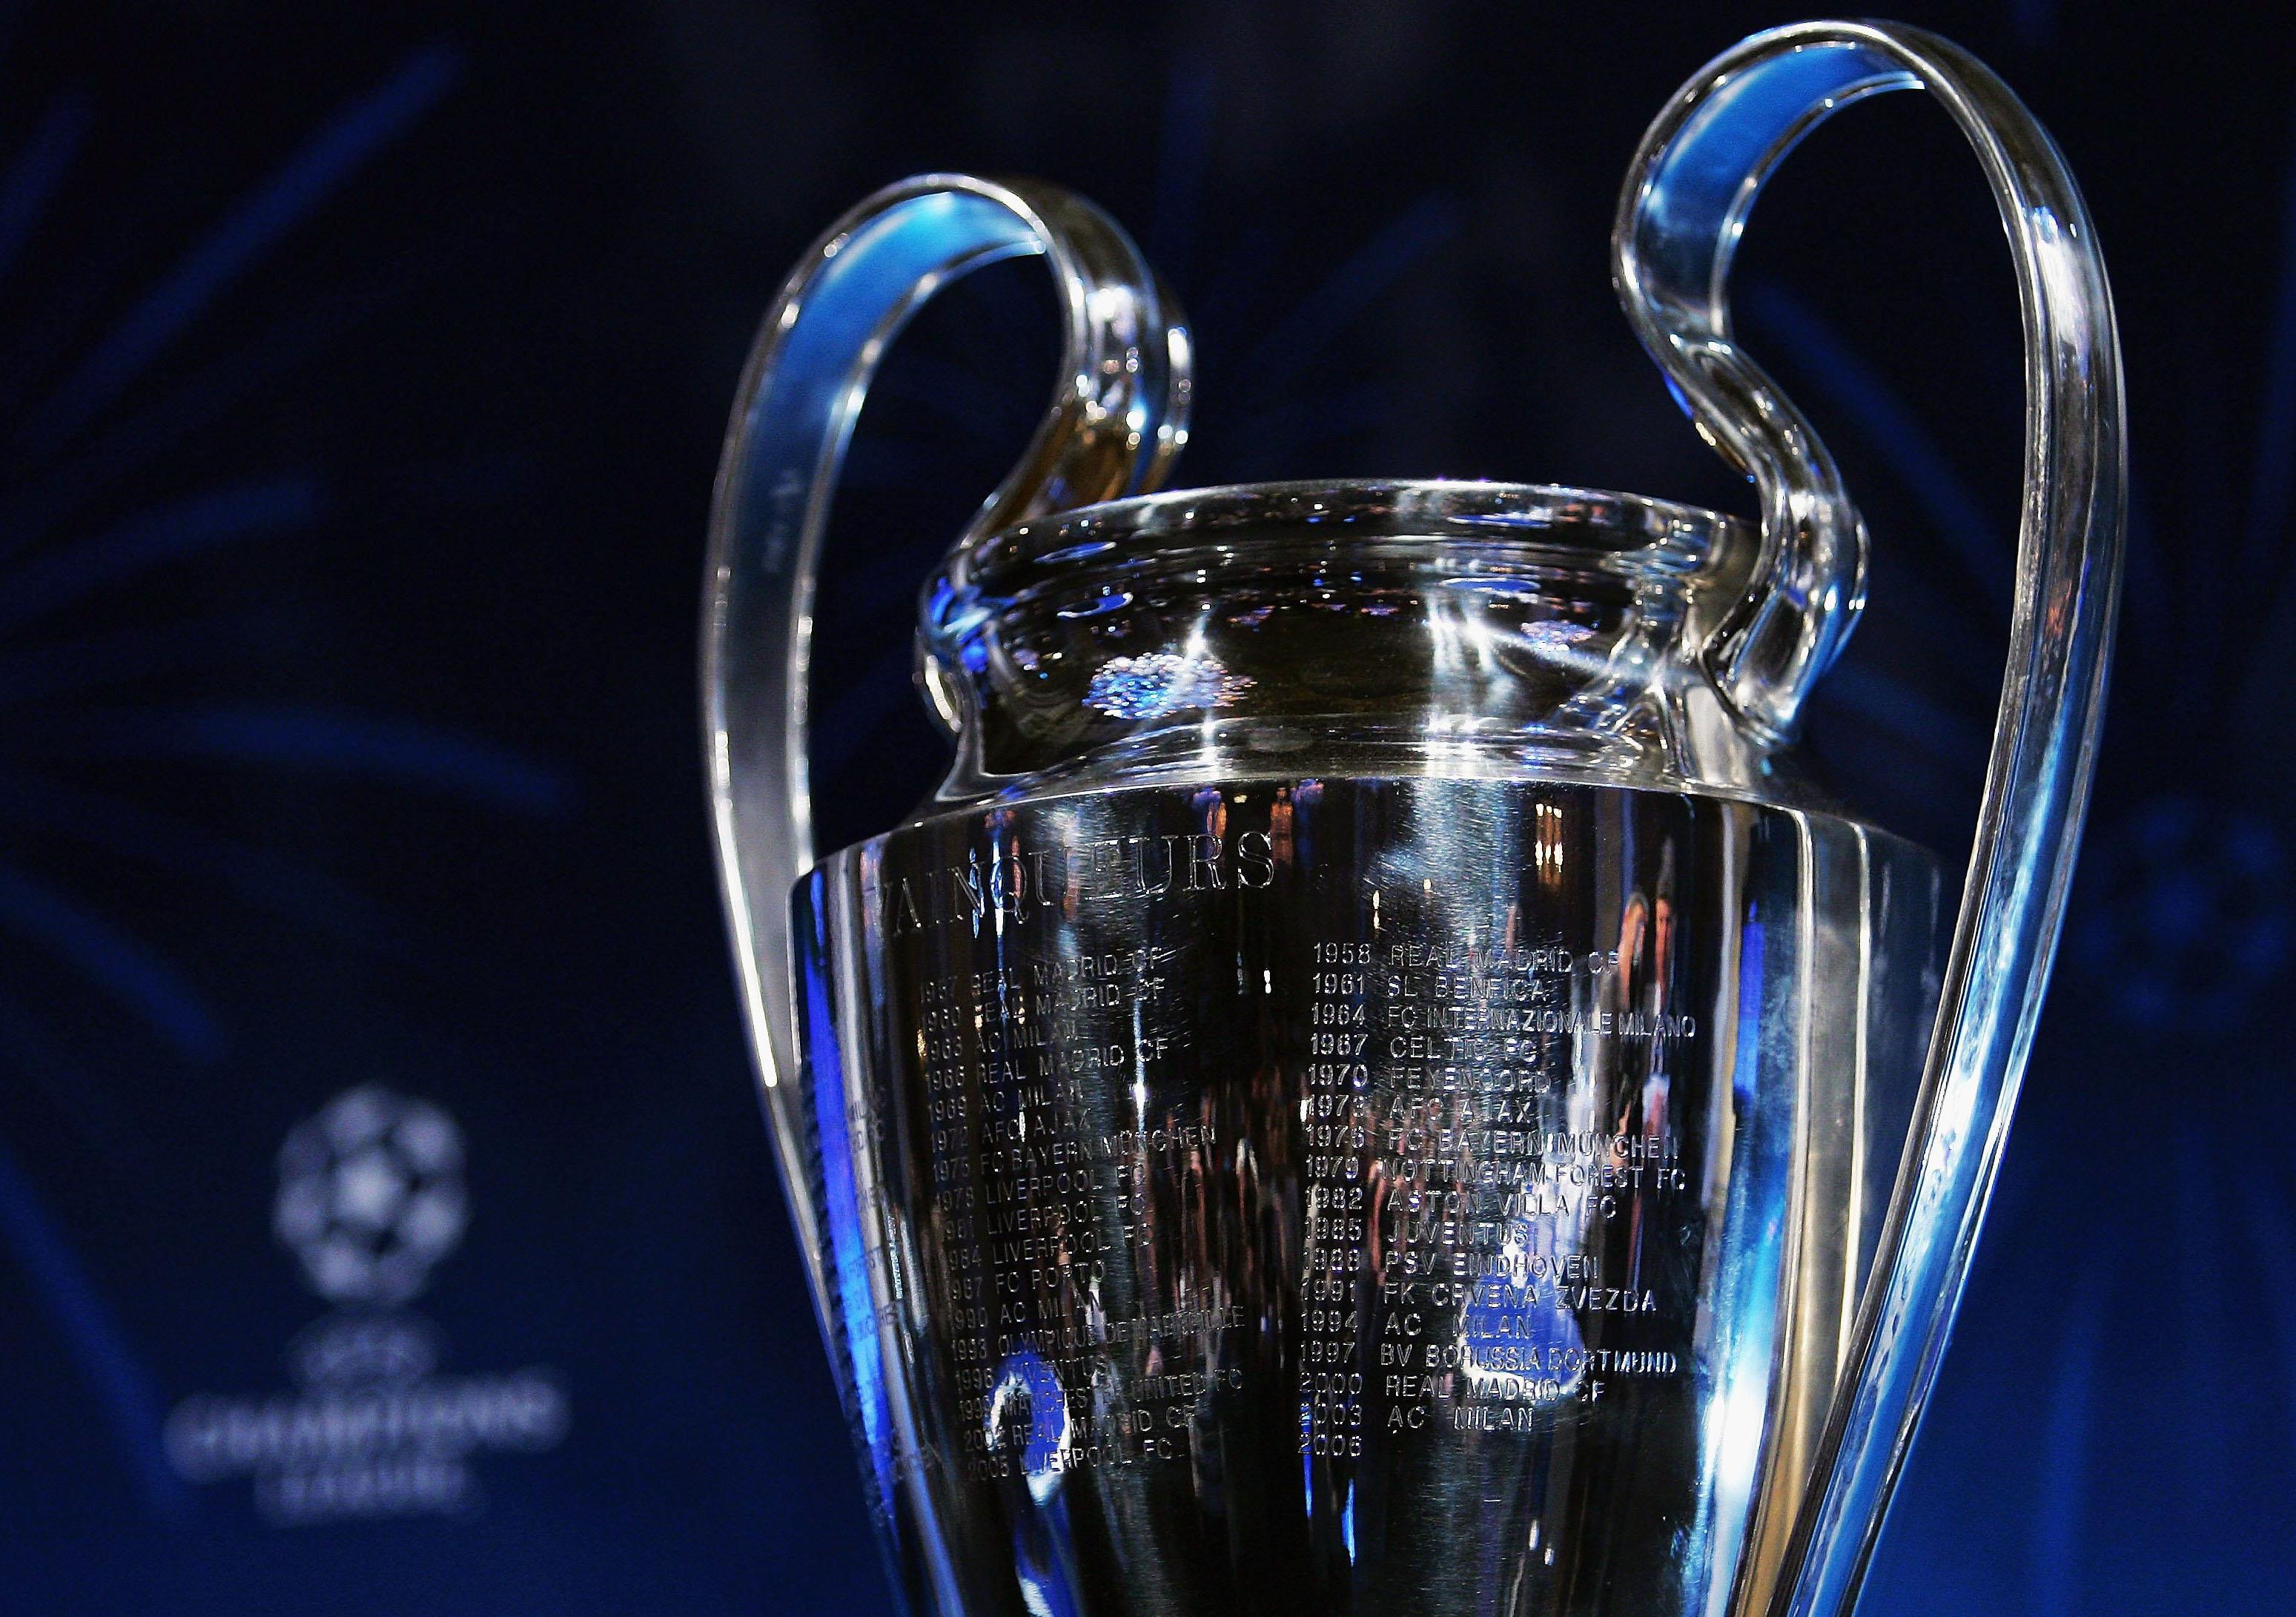 Champions League: Cuartos de final | El Fútbol es Injusto...